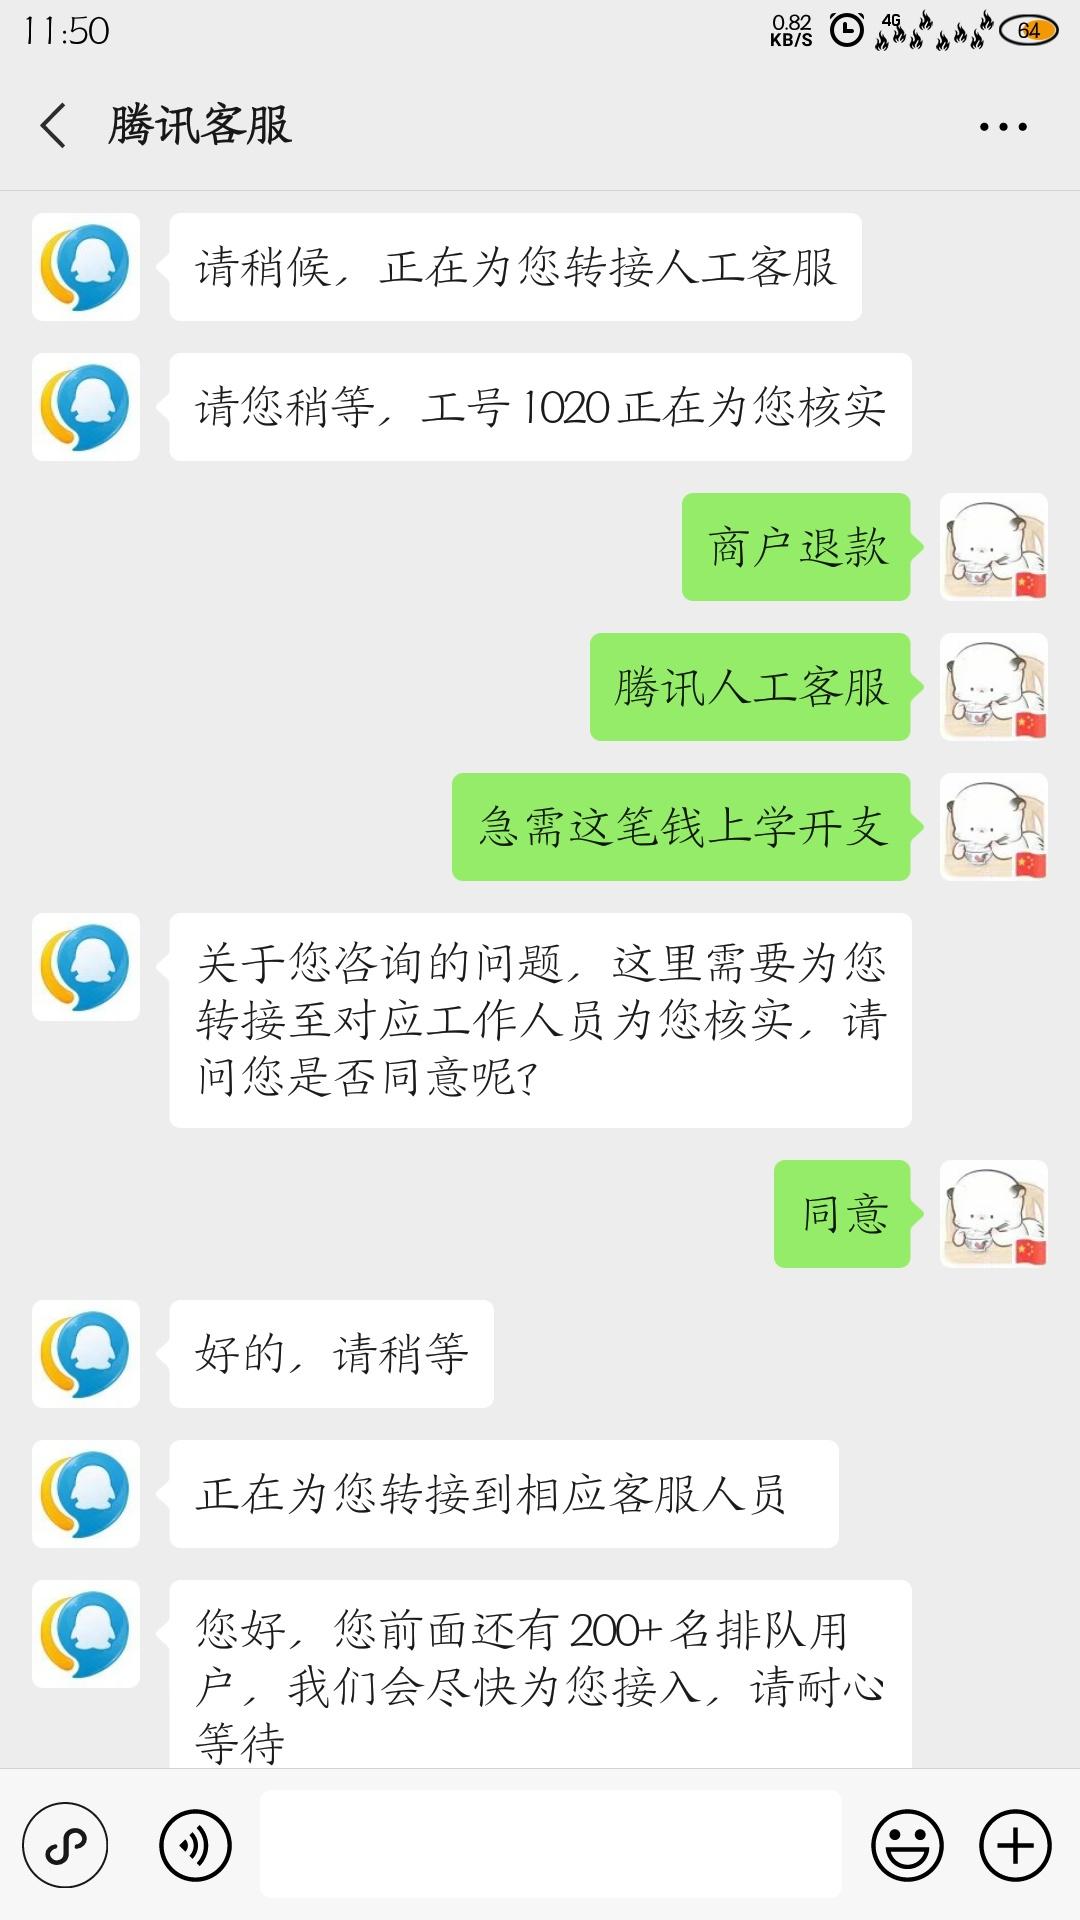 微信腾讯人工客服